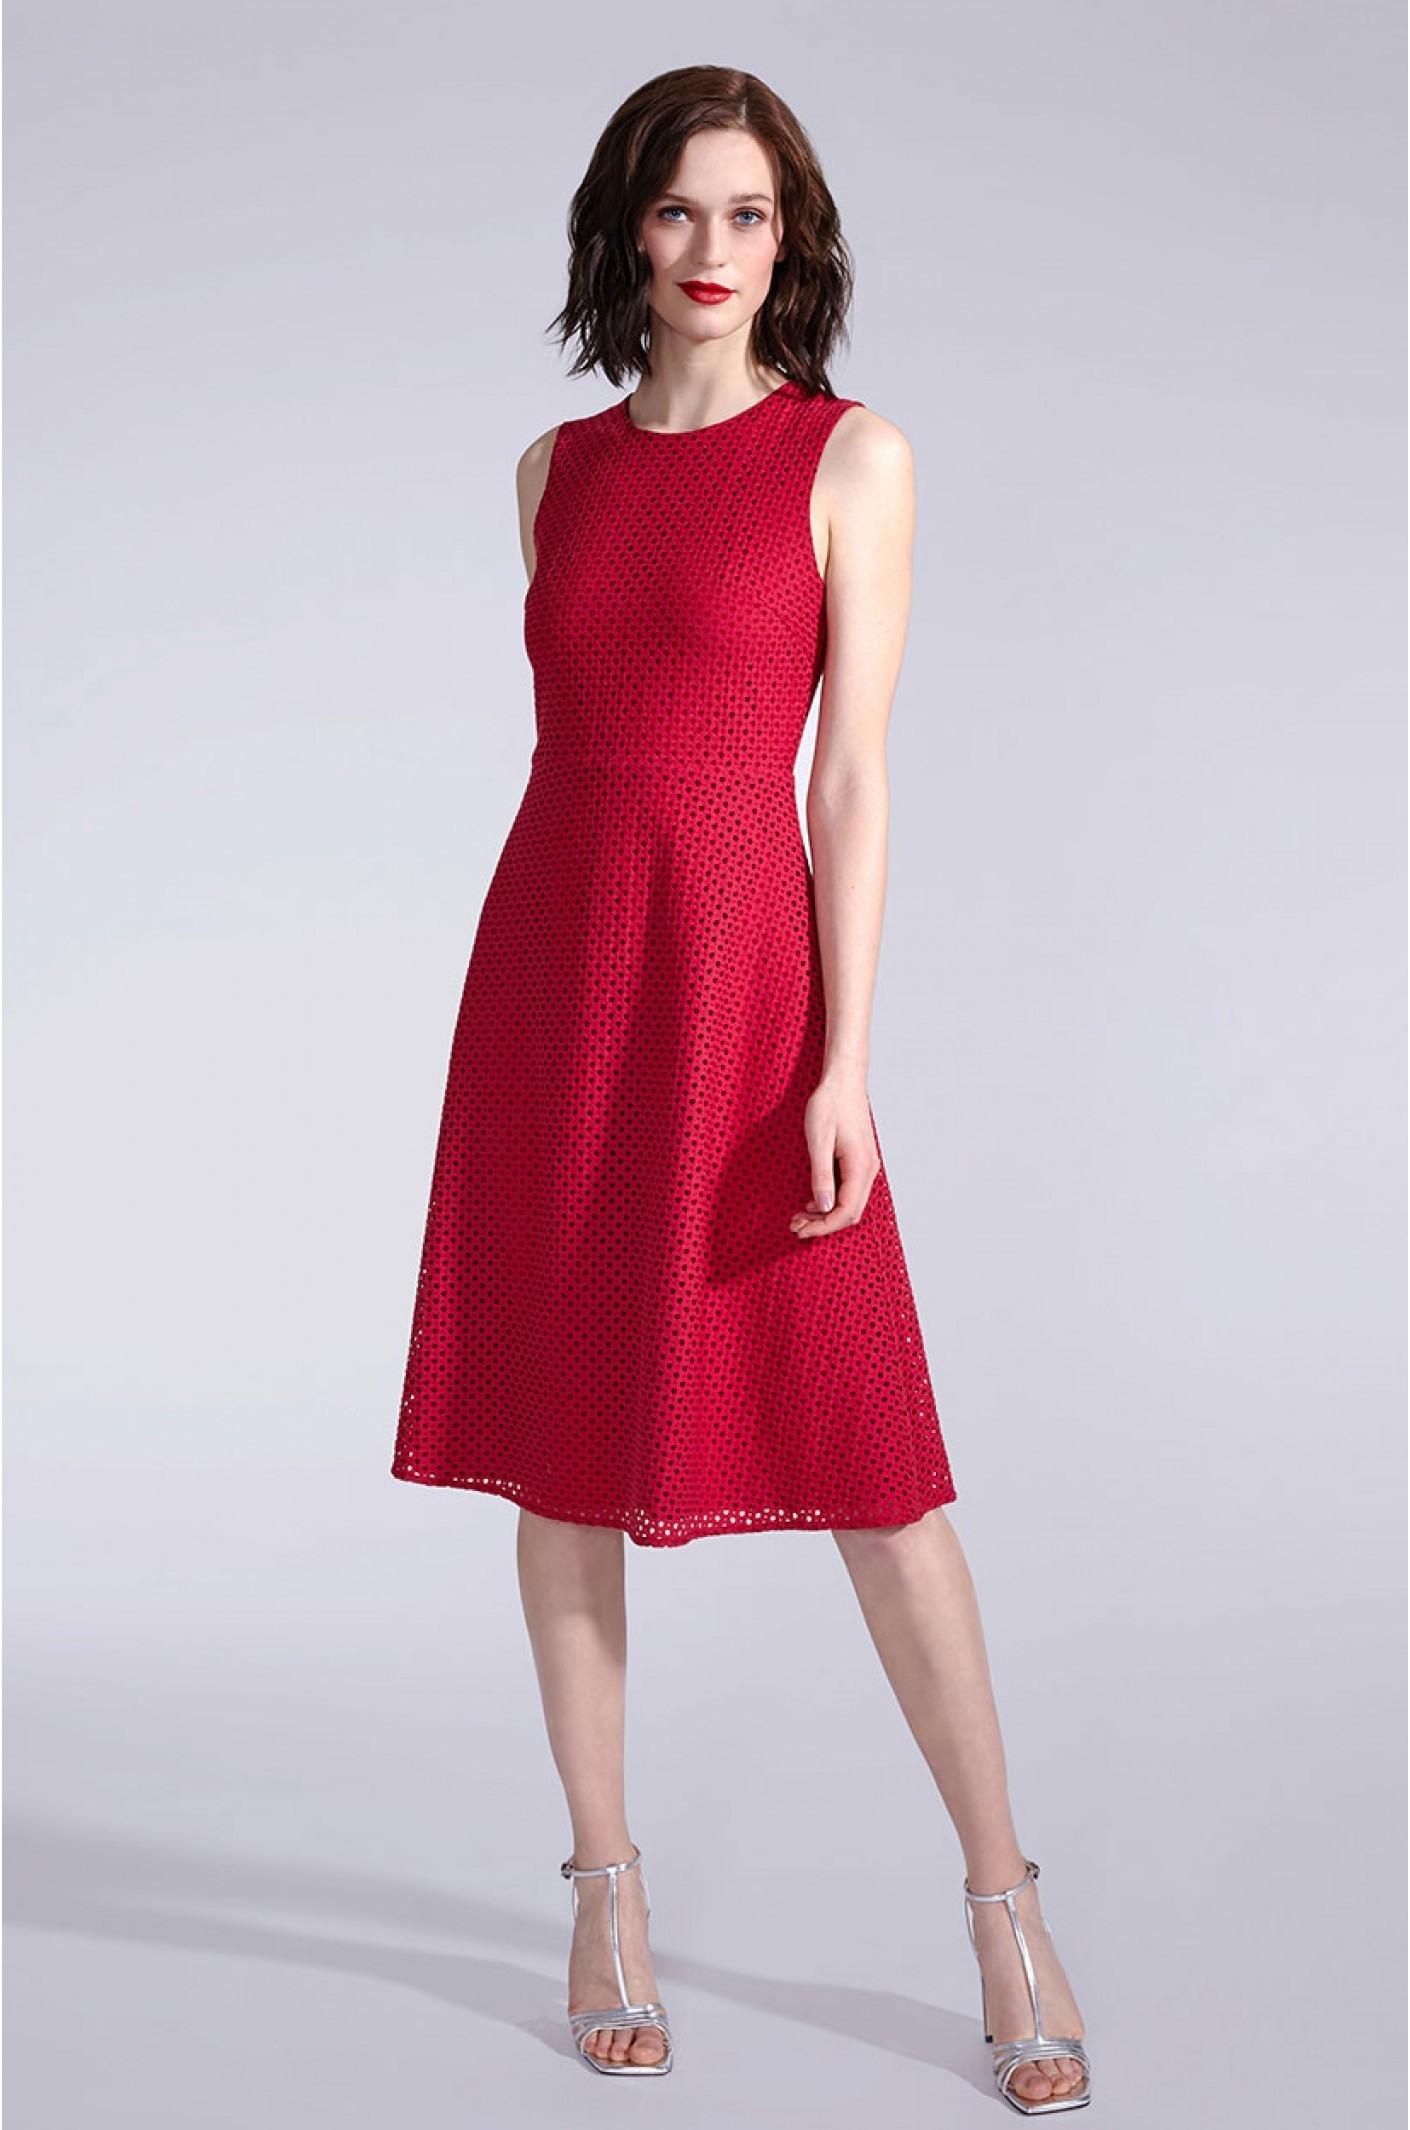 10 Spektakulär Kleider Anlässe Ärmel10 Coolste Kleider Anlässe Galerie